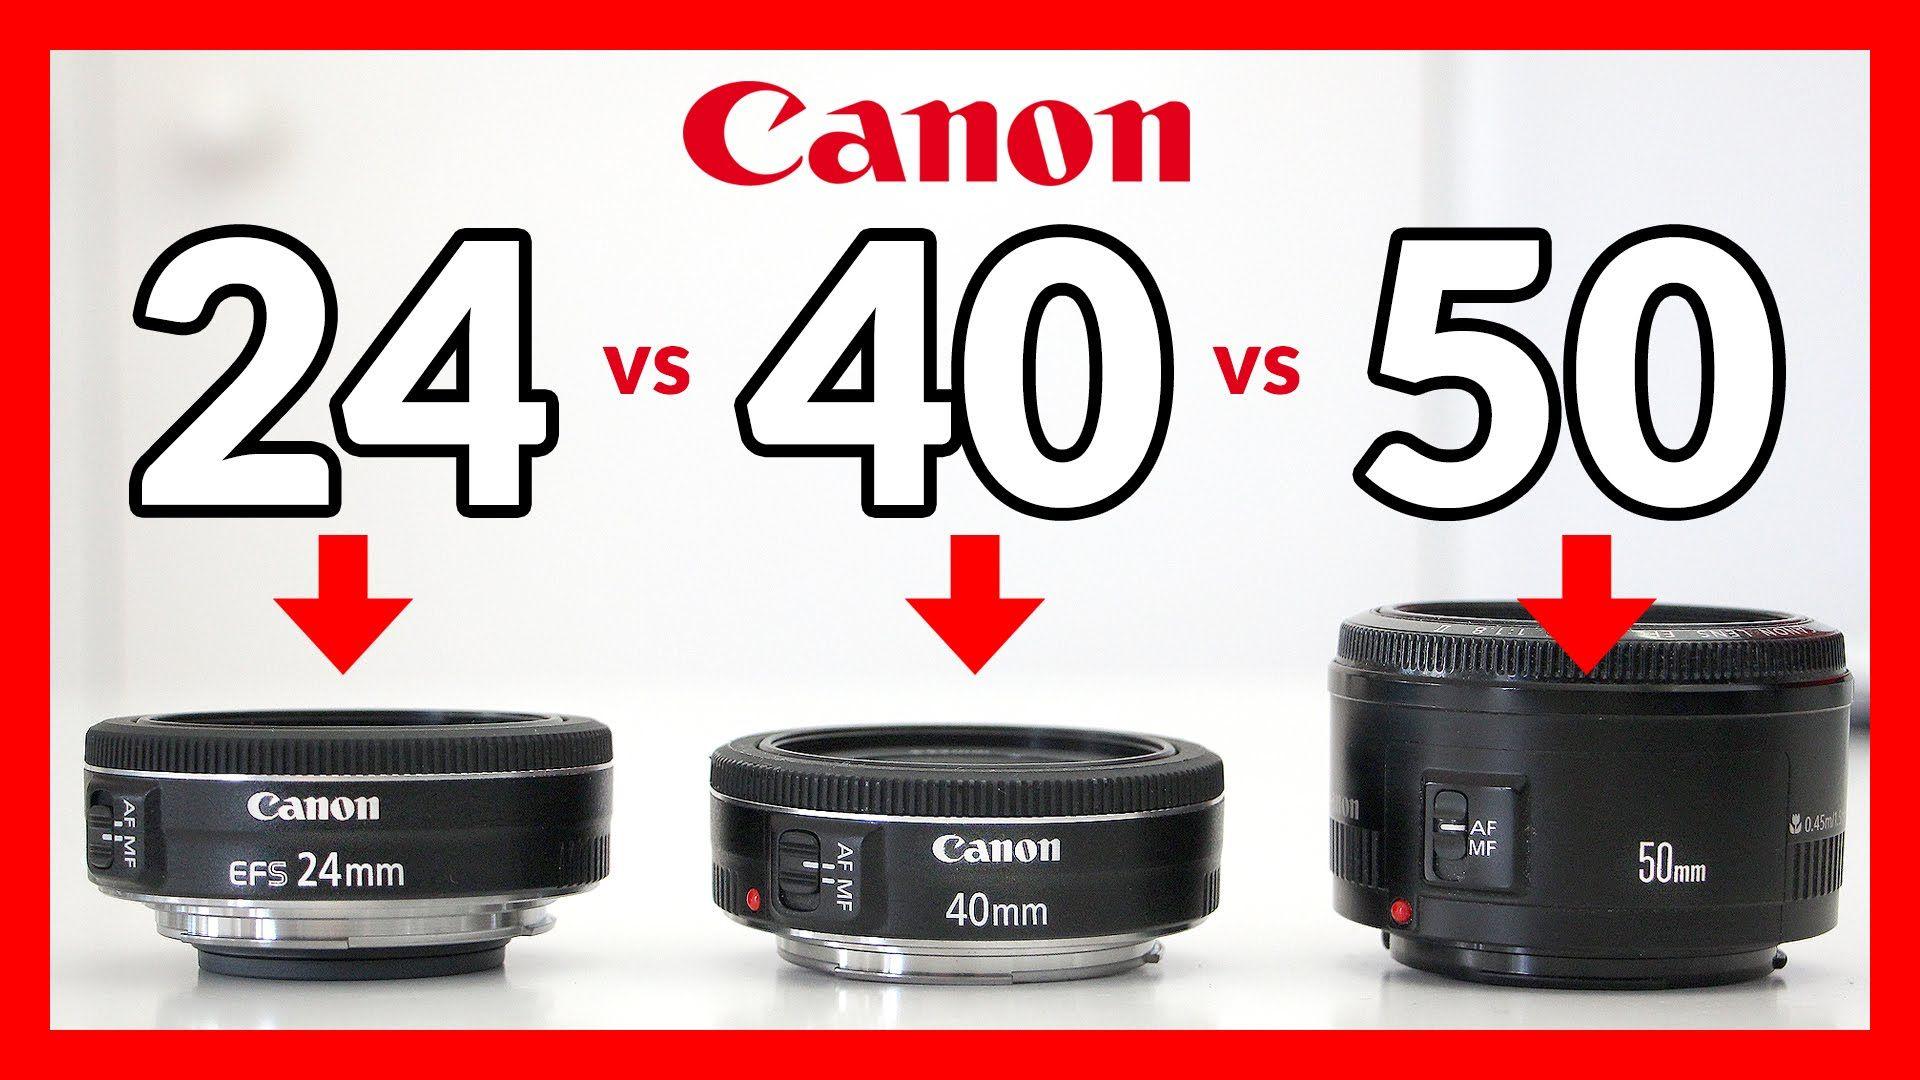 Canon 24mm Stm Pancake Vs 40mm Stm Pancake Vs 50mm 1 8 Pancake Lens Digital Photography Backdrops Canon Pancake Lens